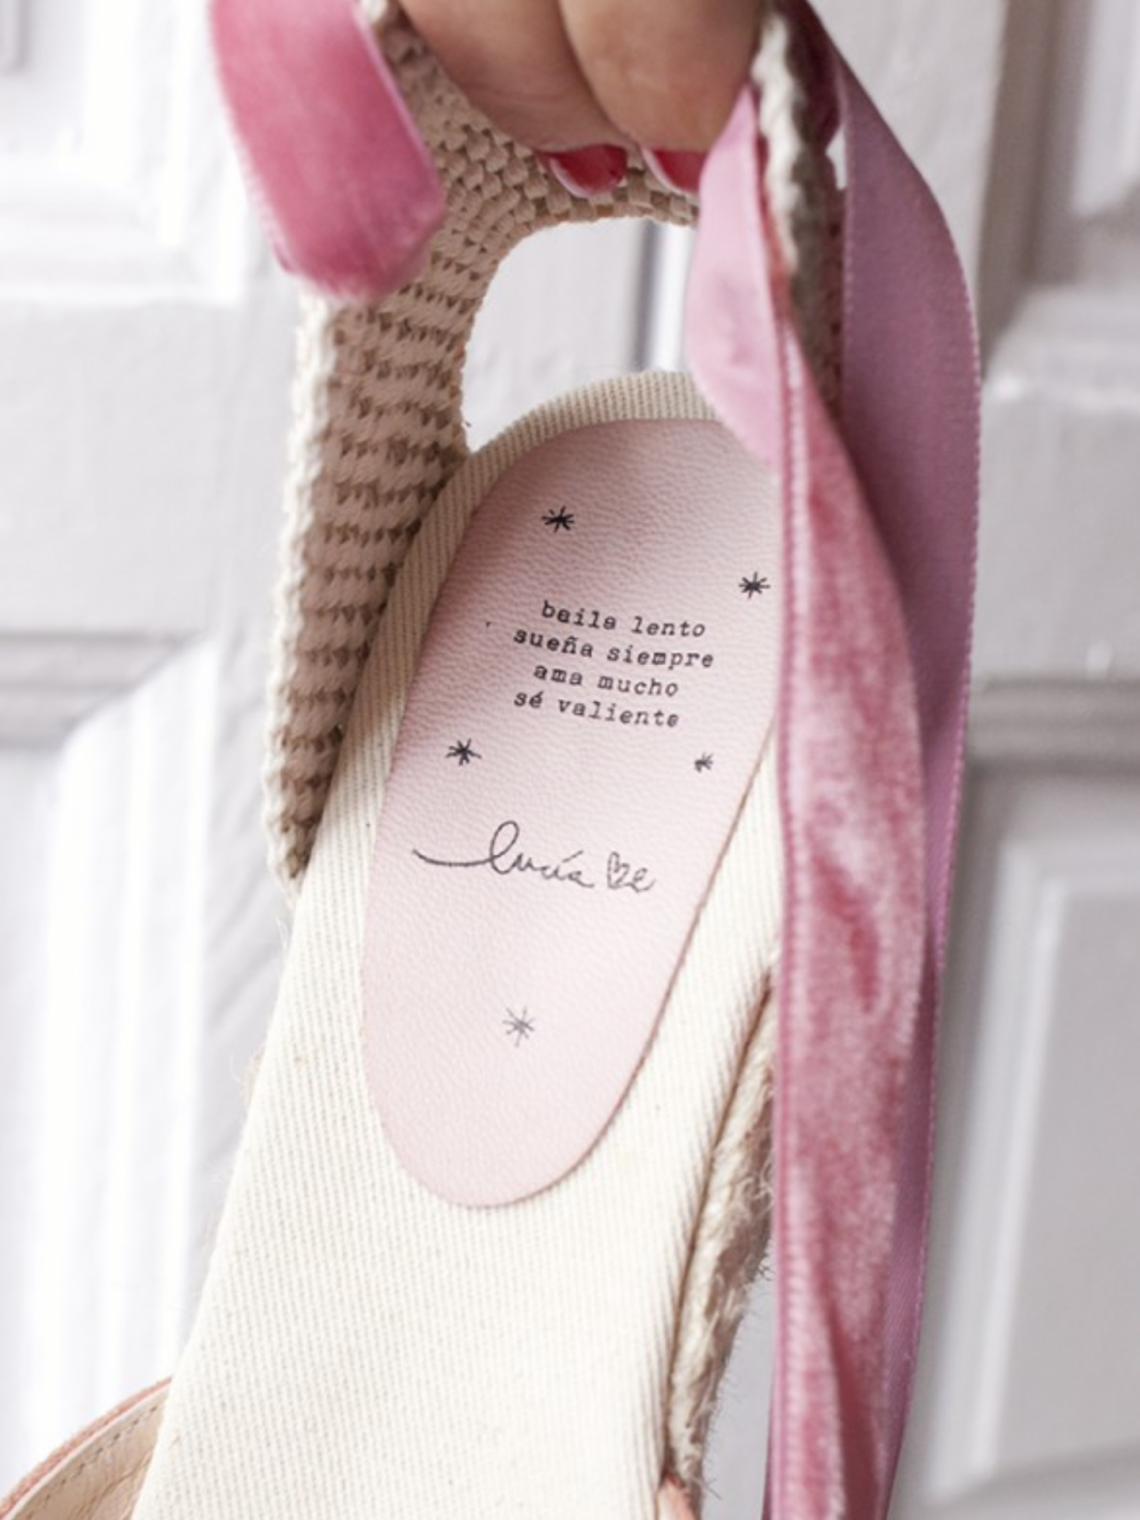 Nos ENCANTA la nueva colección para novias de Lucía Be y su lema, más: 'Sé la novia que quieras ser, sin presiones y con croquetas'